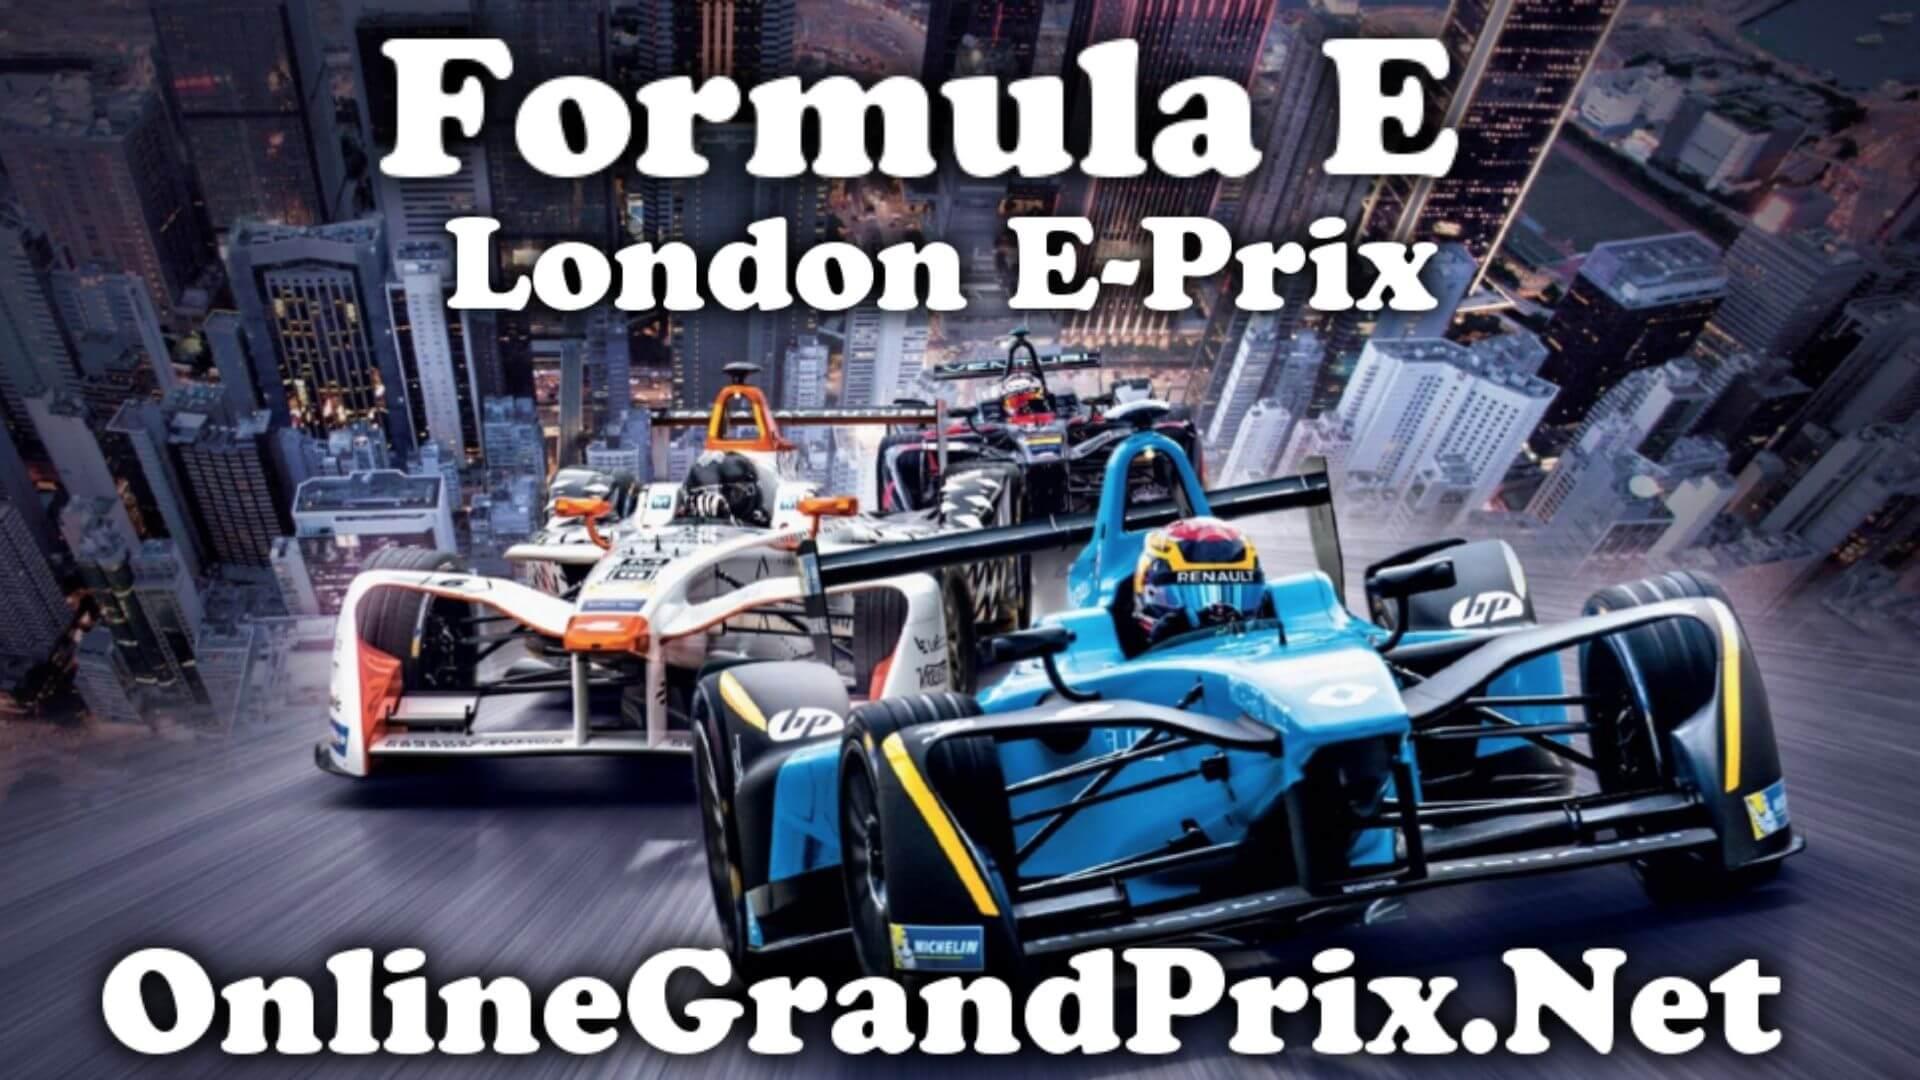 London EPrix FE Live Stream 2020 | Full Race Replay